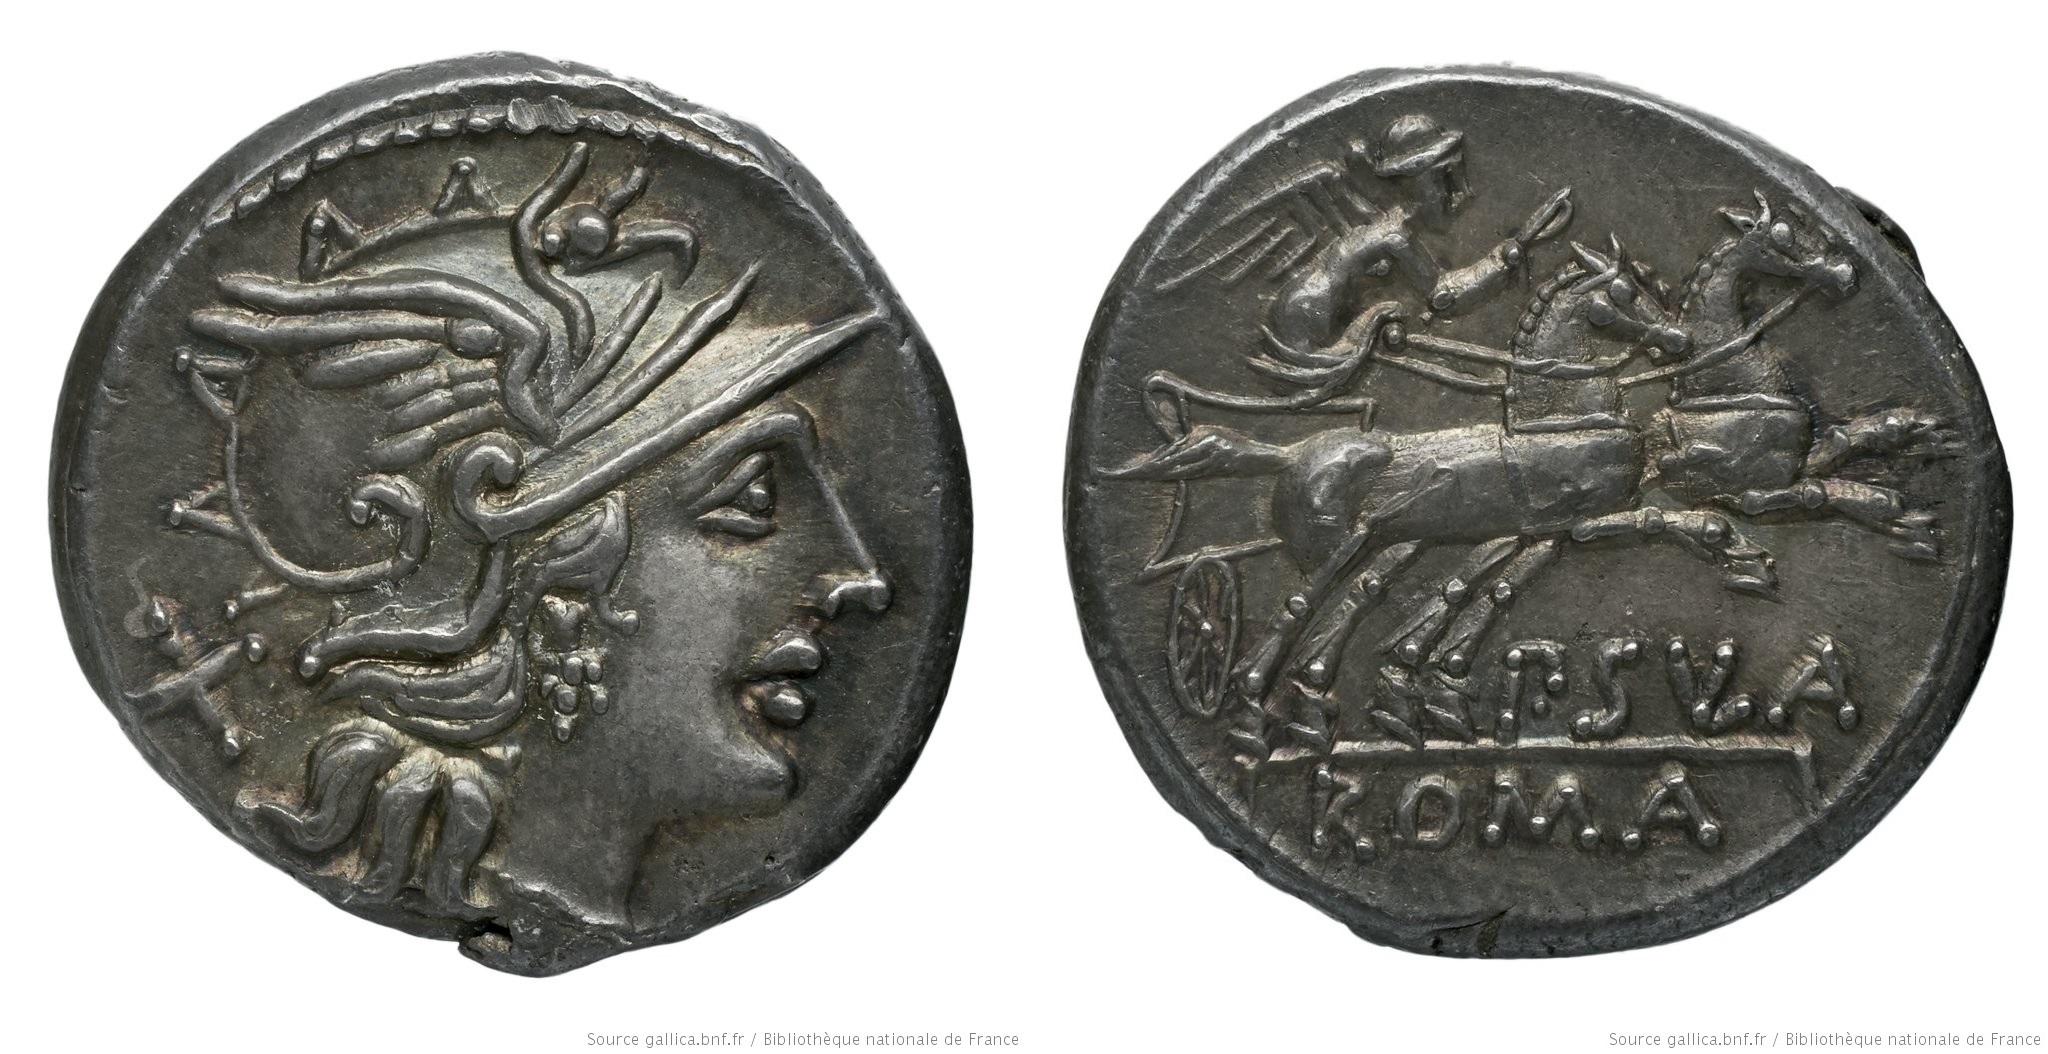 834CO – Denier Cornelia – Publius Cornelius Sulla